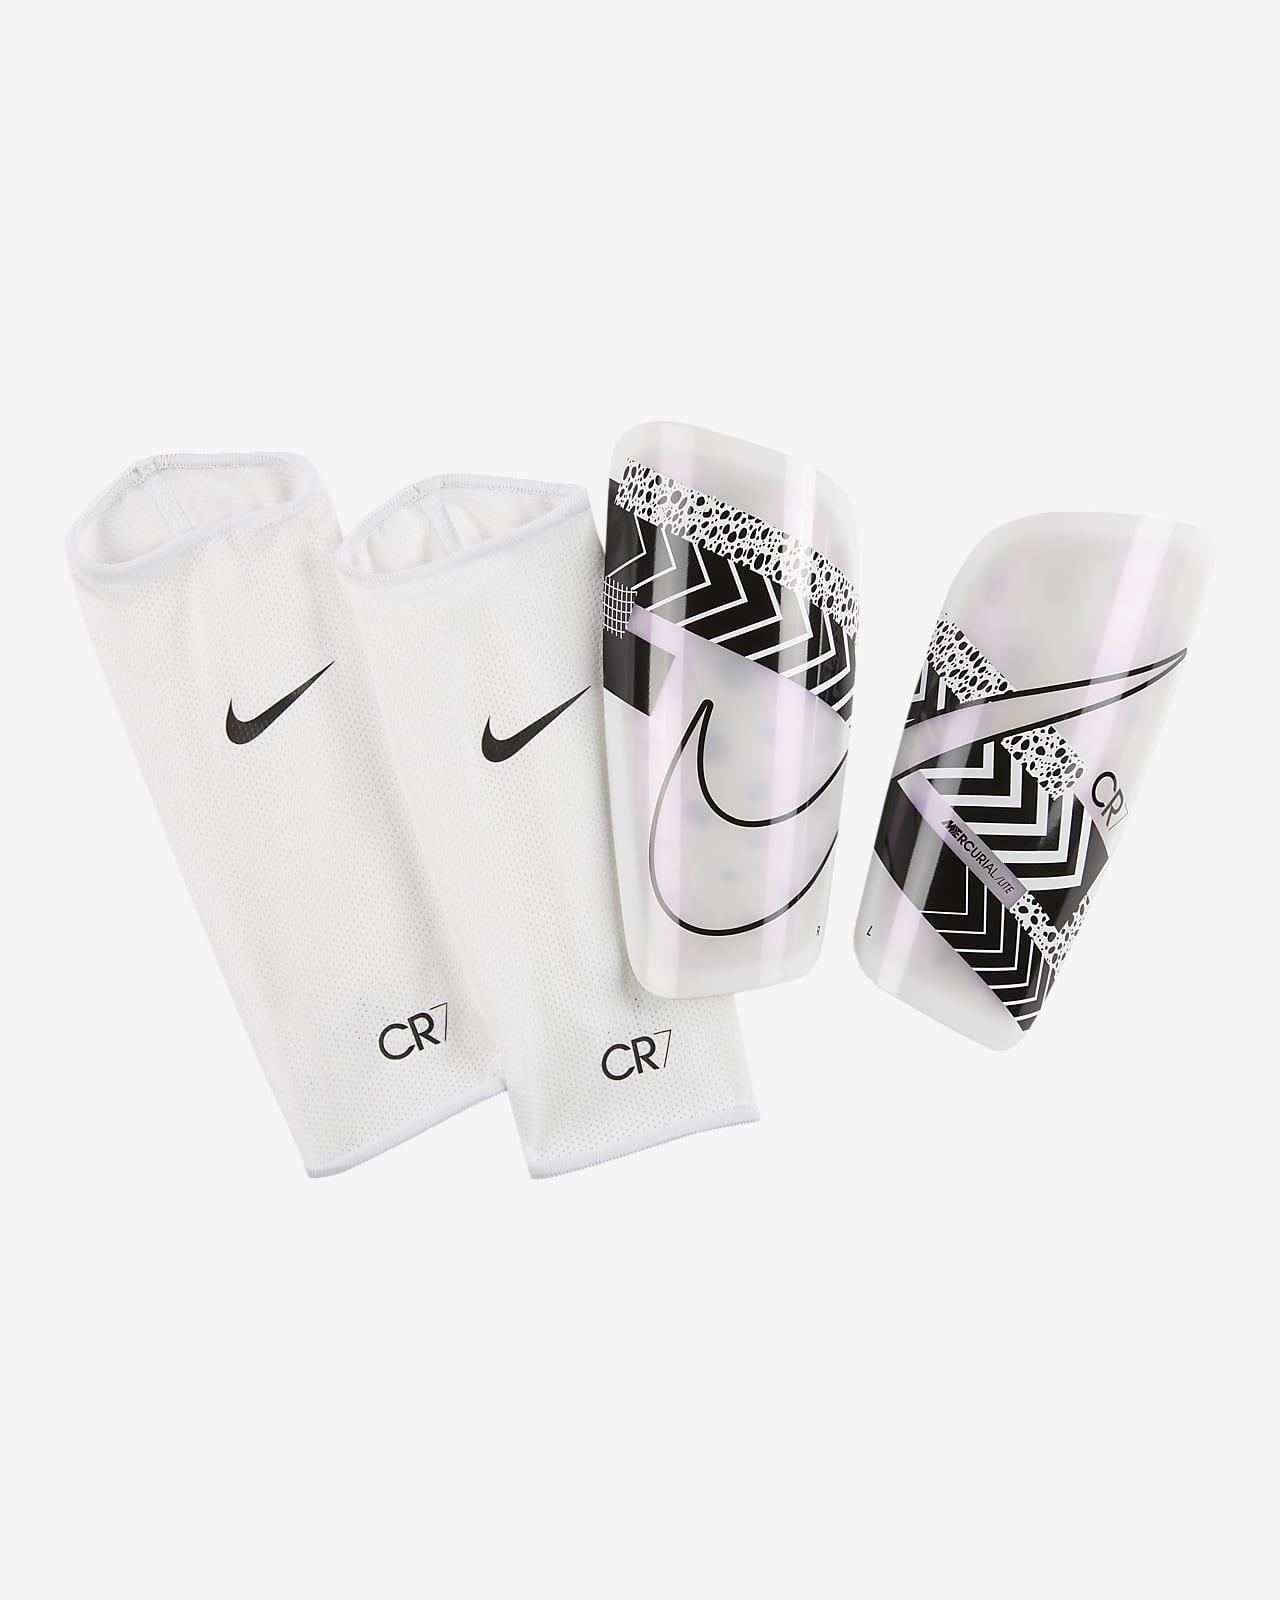 Protecciones para pierna de fútbol Nike Mercurial Lite CR7